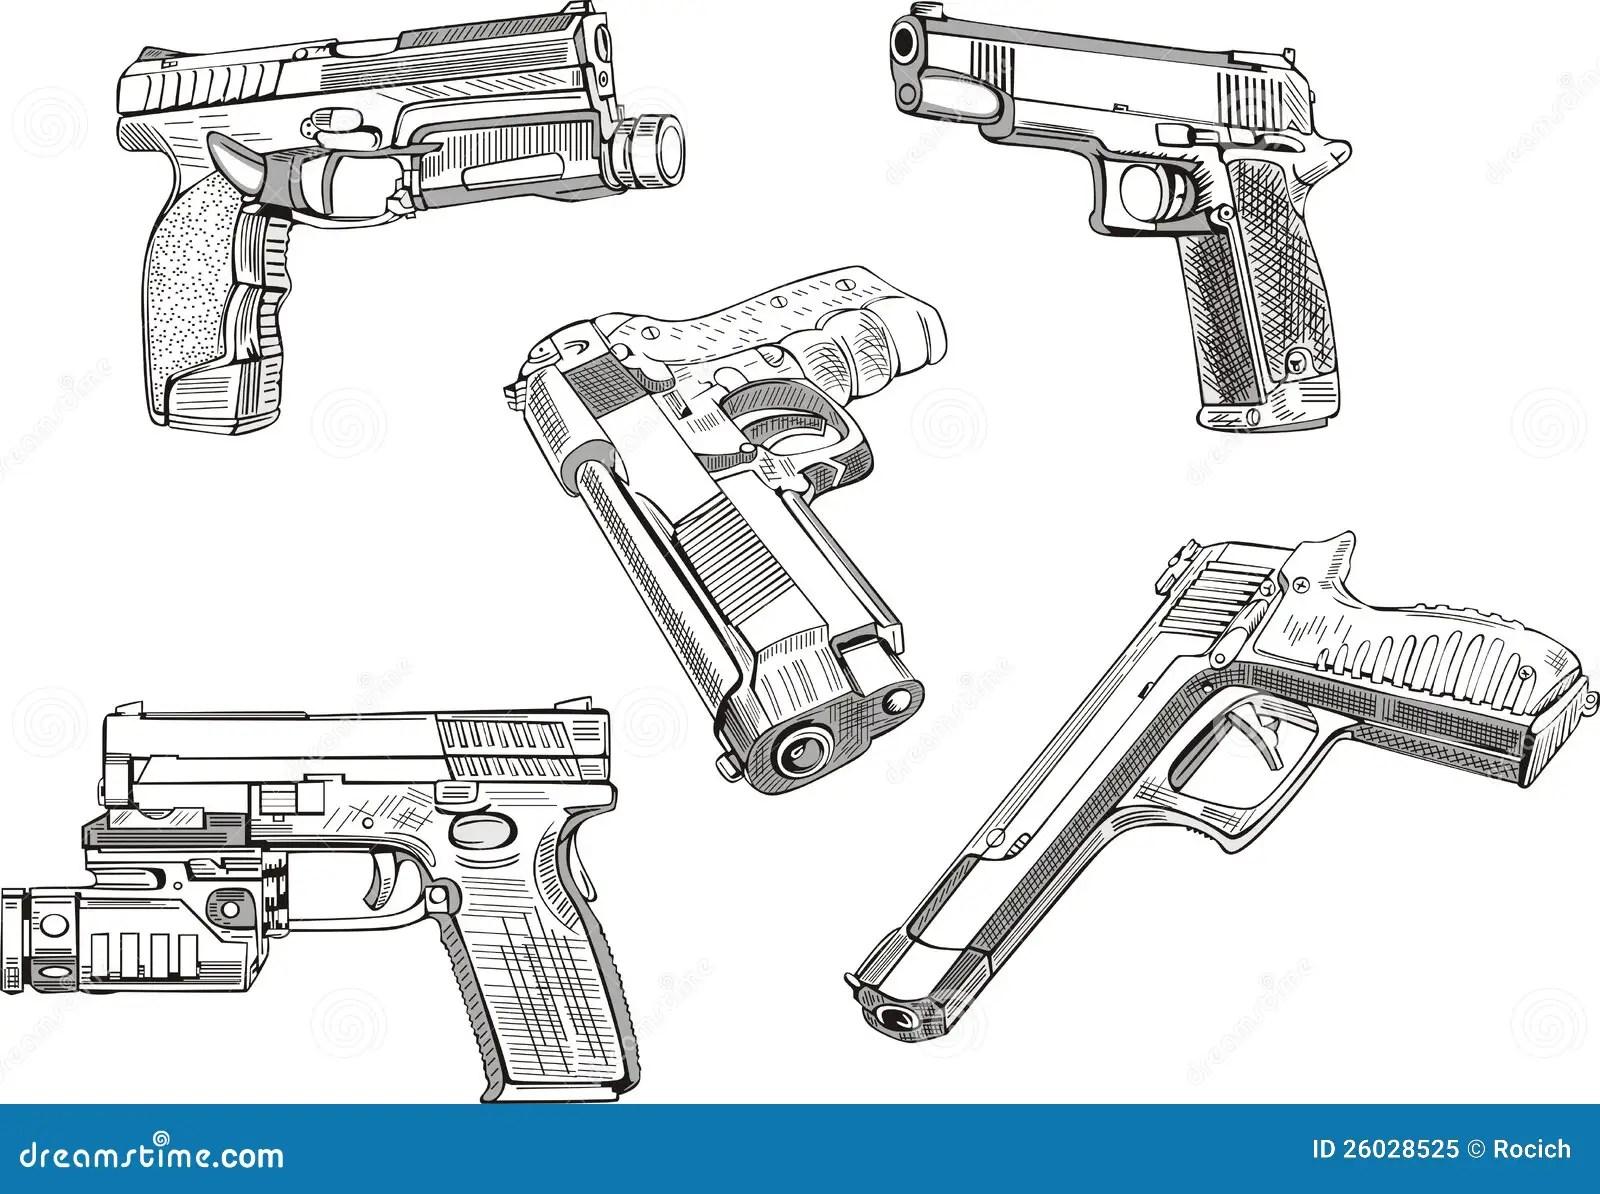 Gun Sketches Royalty Free Stock Photo